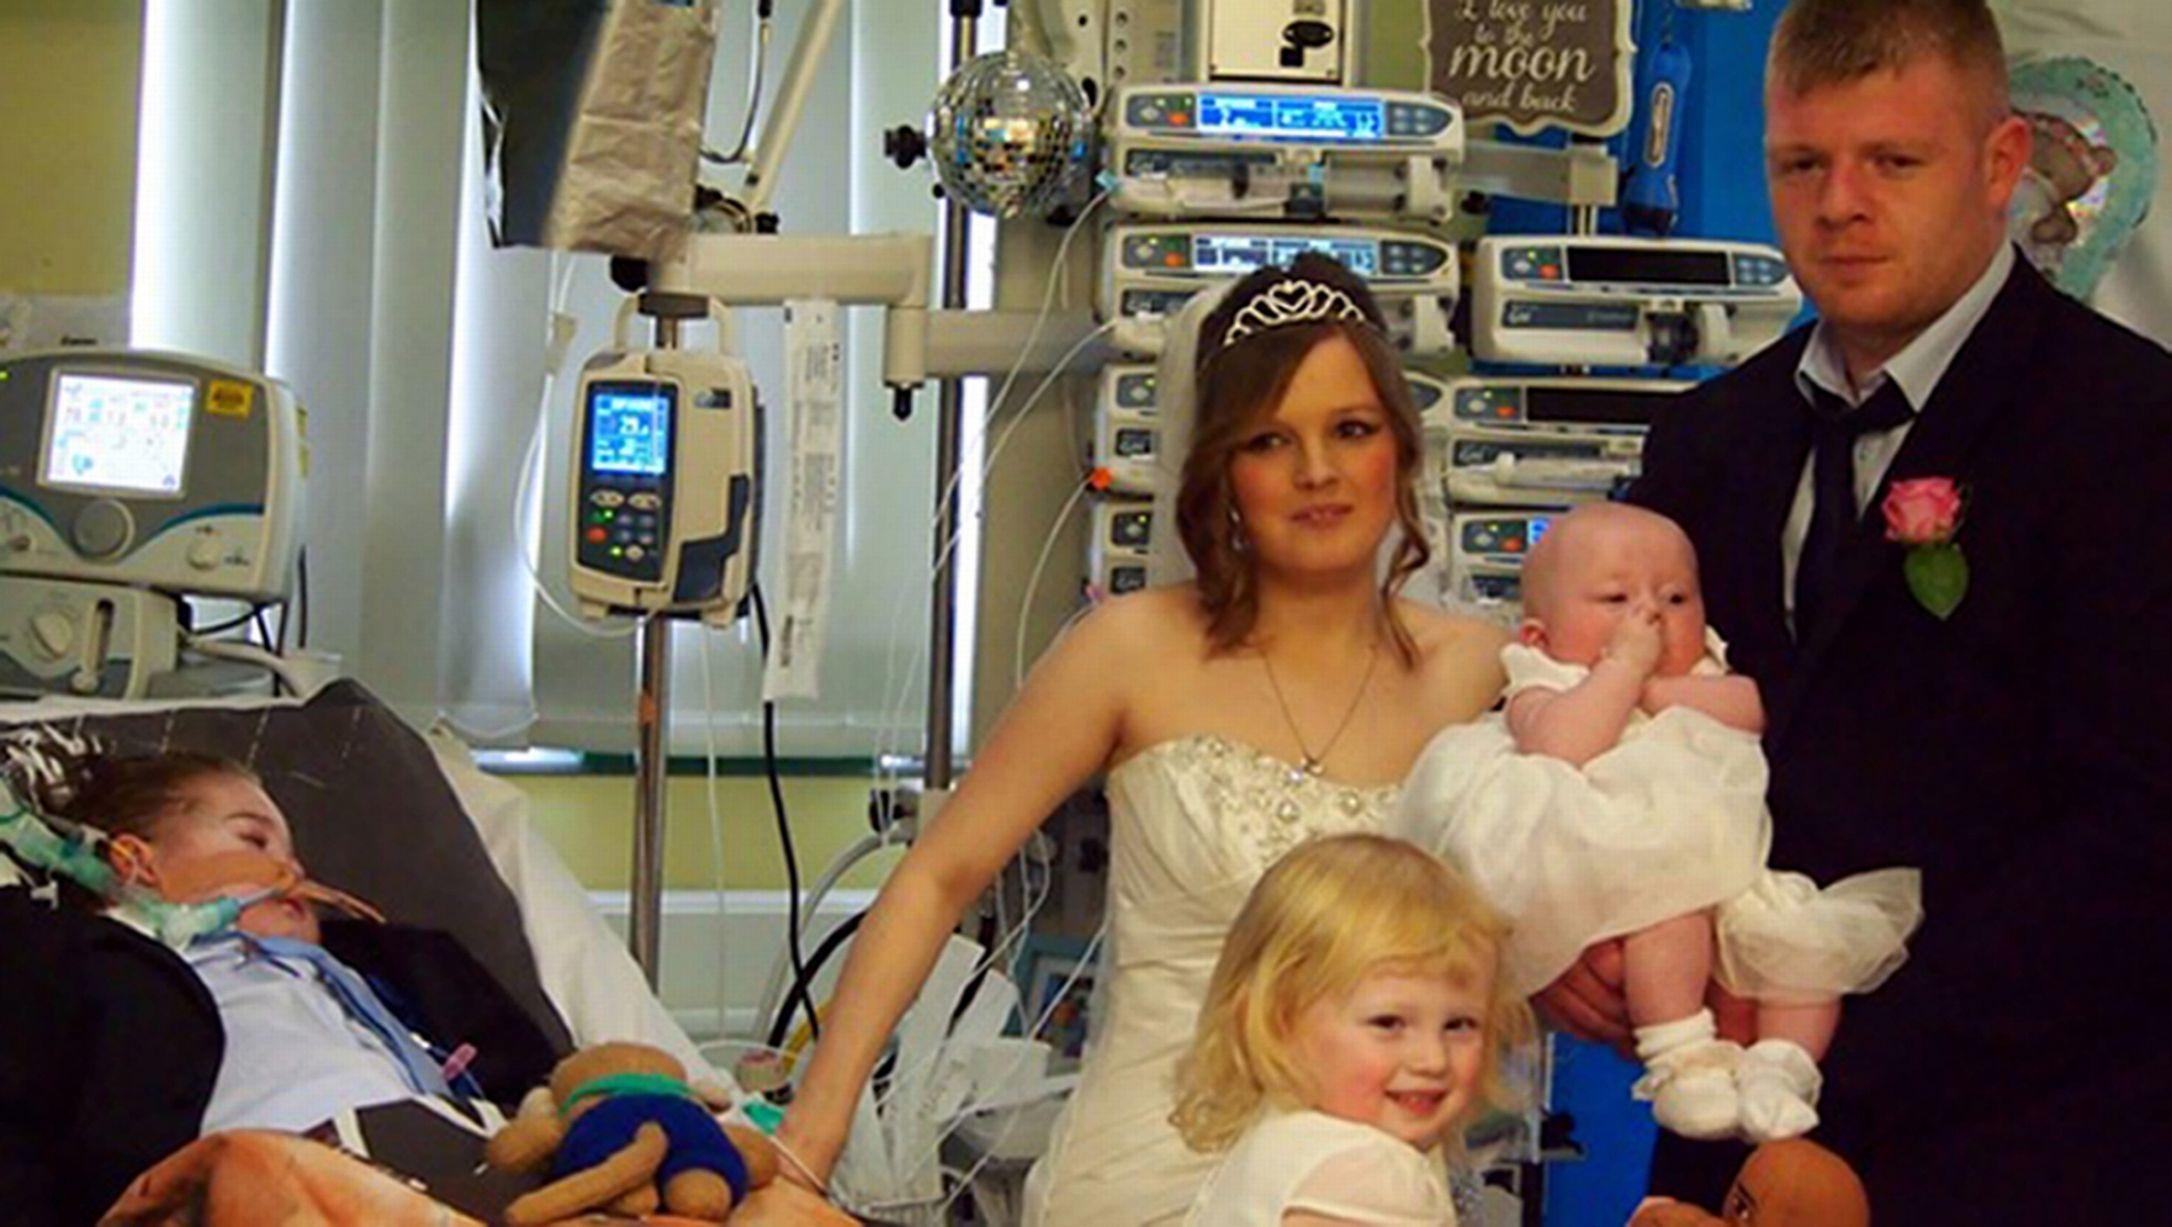 Người mang trọng trách cầm nhẫn - cậu bé Corey 5 tuổi hạnh phúc chứng kiến đám cưới của bố mẹ.